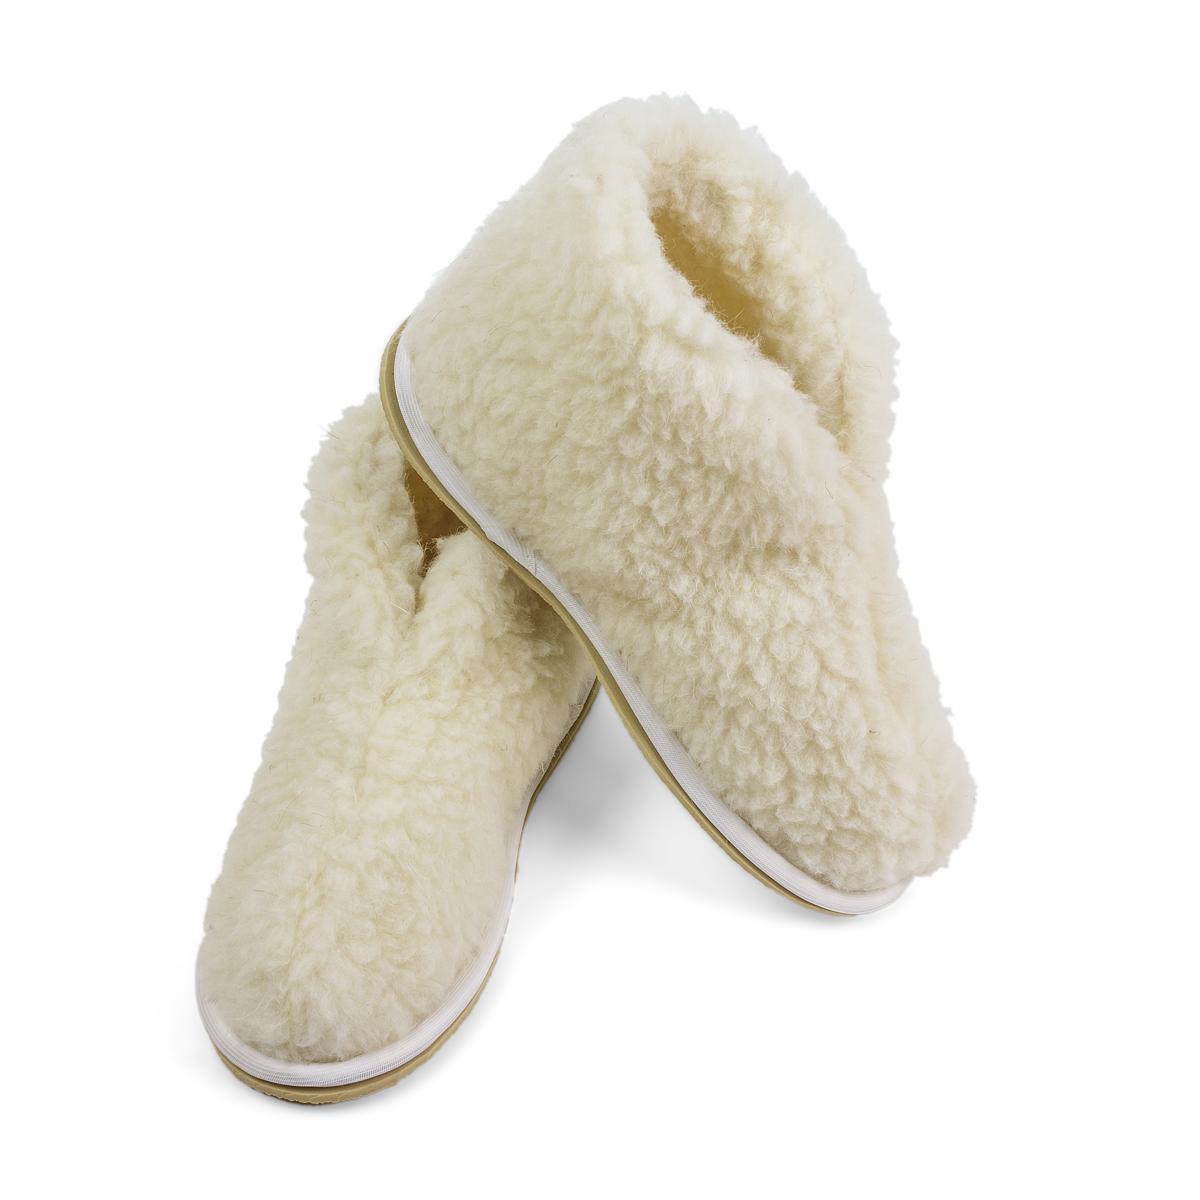 Обувь Бабуши Уют Белый р. 42-43Согревающий<br><br><br>Тип: Обувь<br>Размер: 42-43<br>Материал: Овечья шерсть